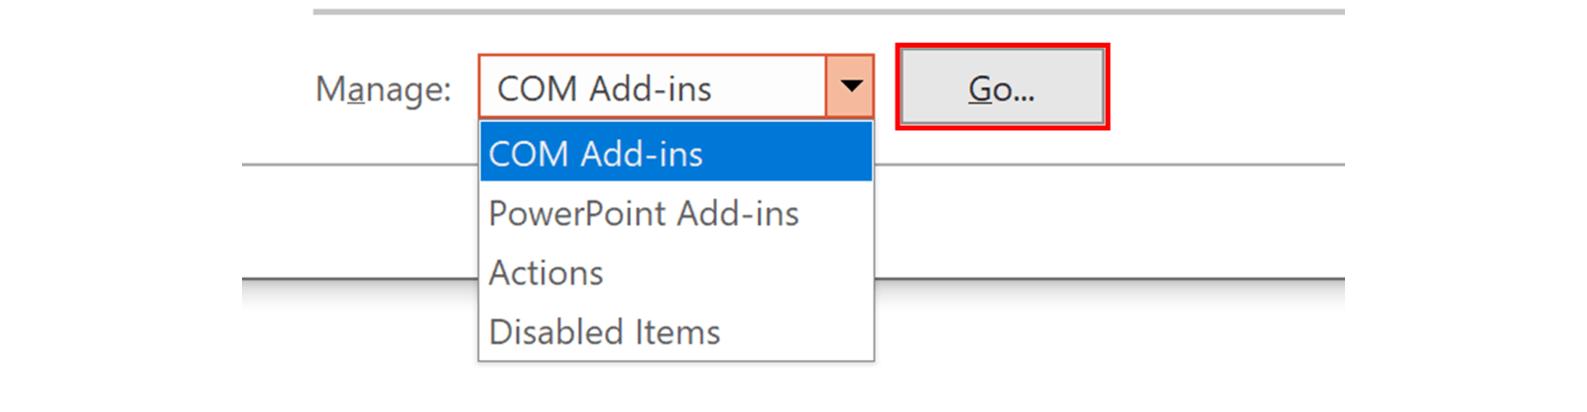 Screenshot of managing COM Add-ins